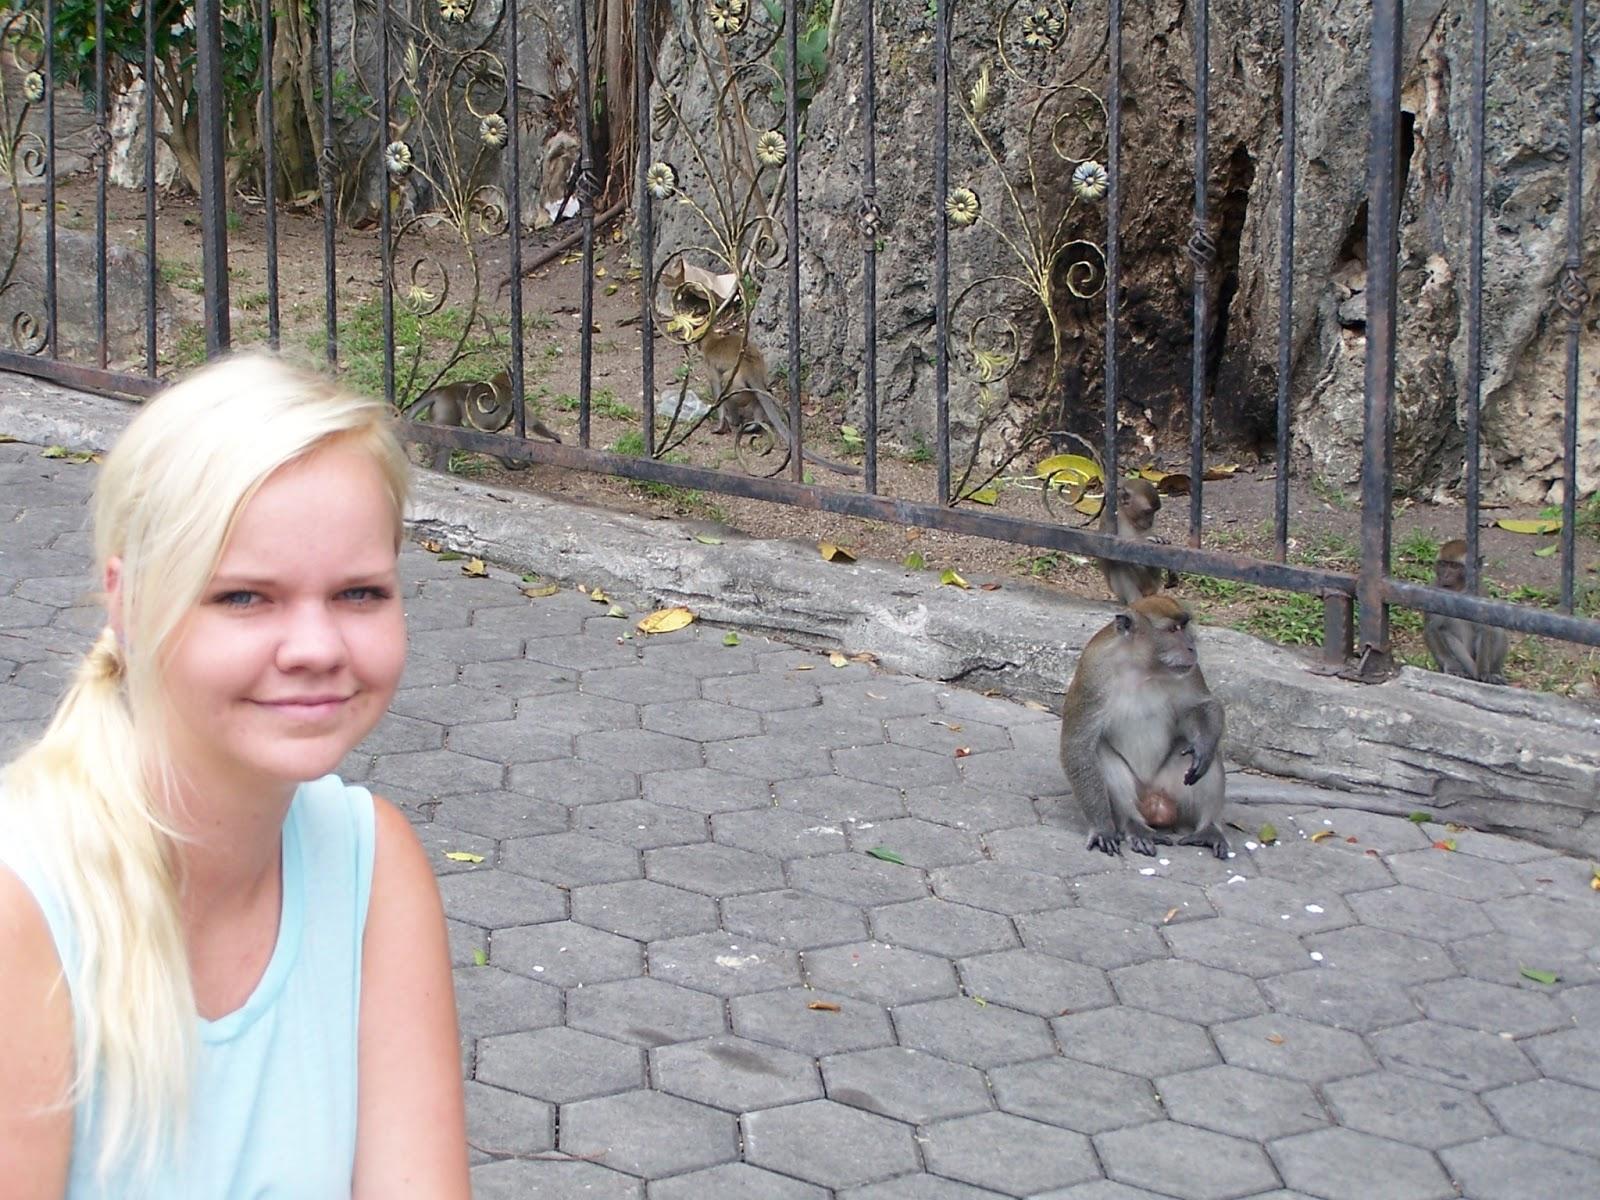 Sarah Und Steffen Bereisen Die Welt     Kuala Lumpur